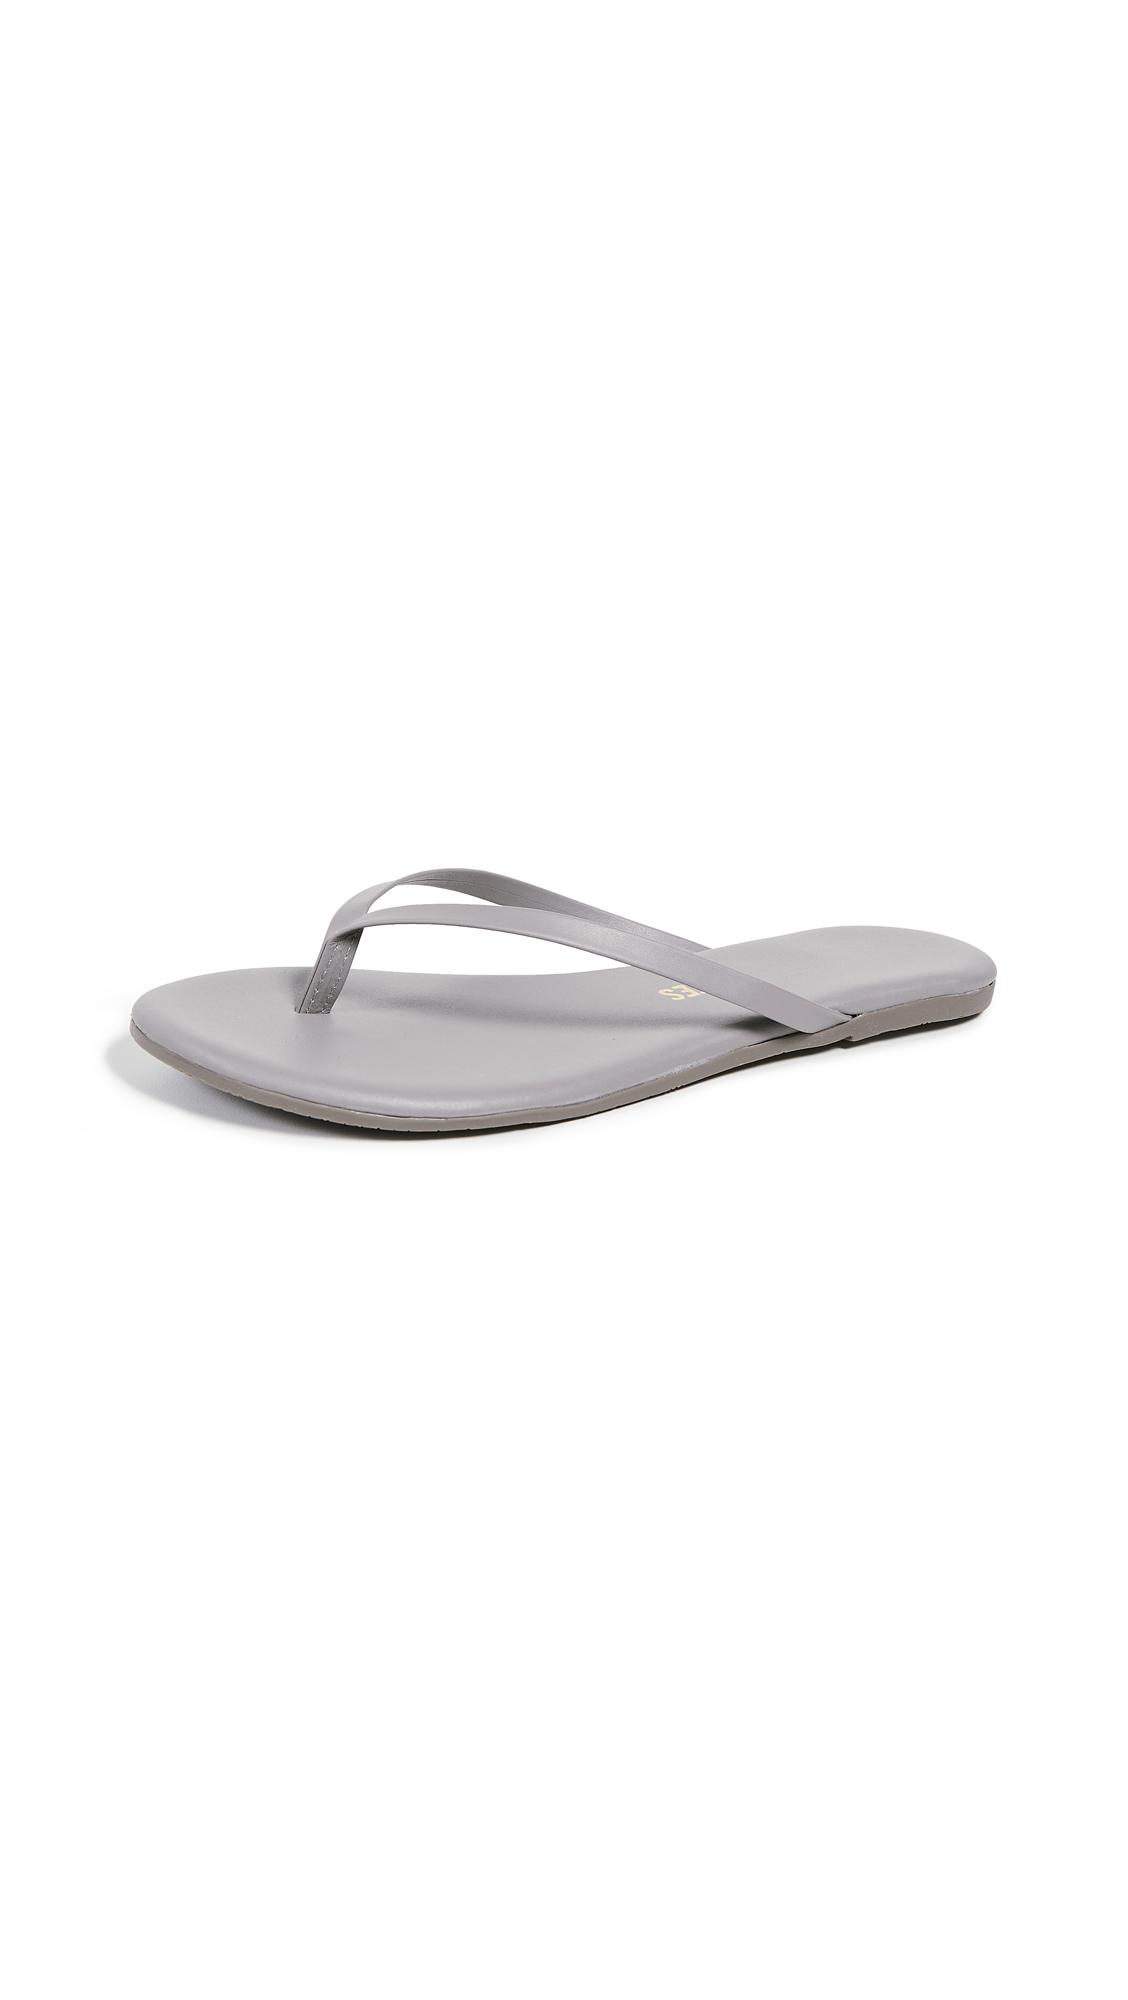 TKEES Solids Flip Flops - No. 9